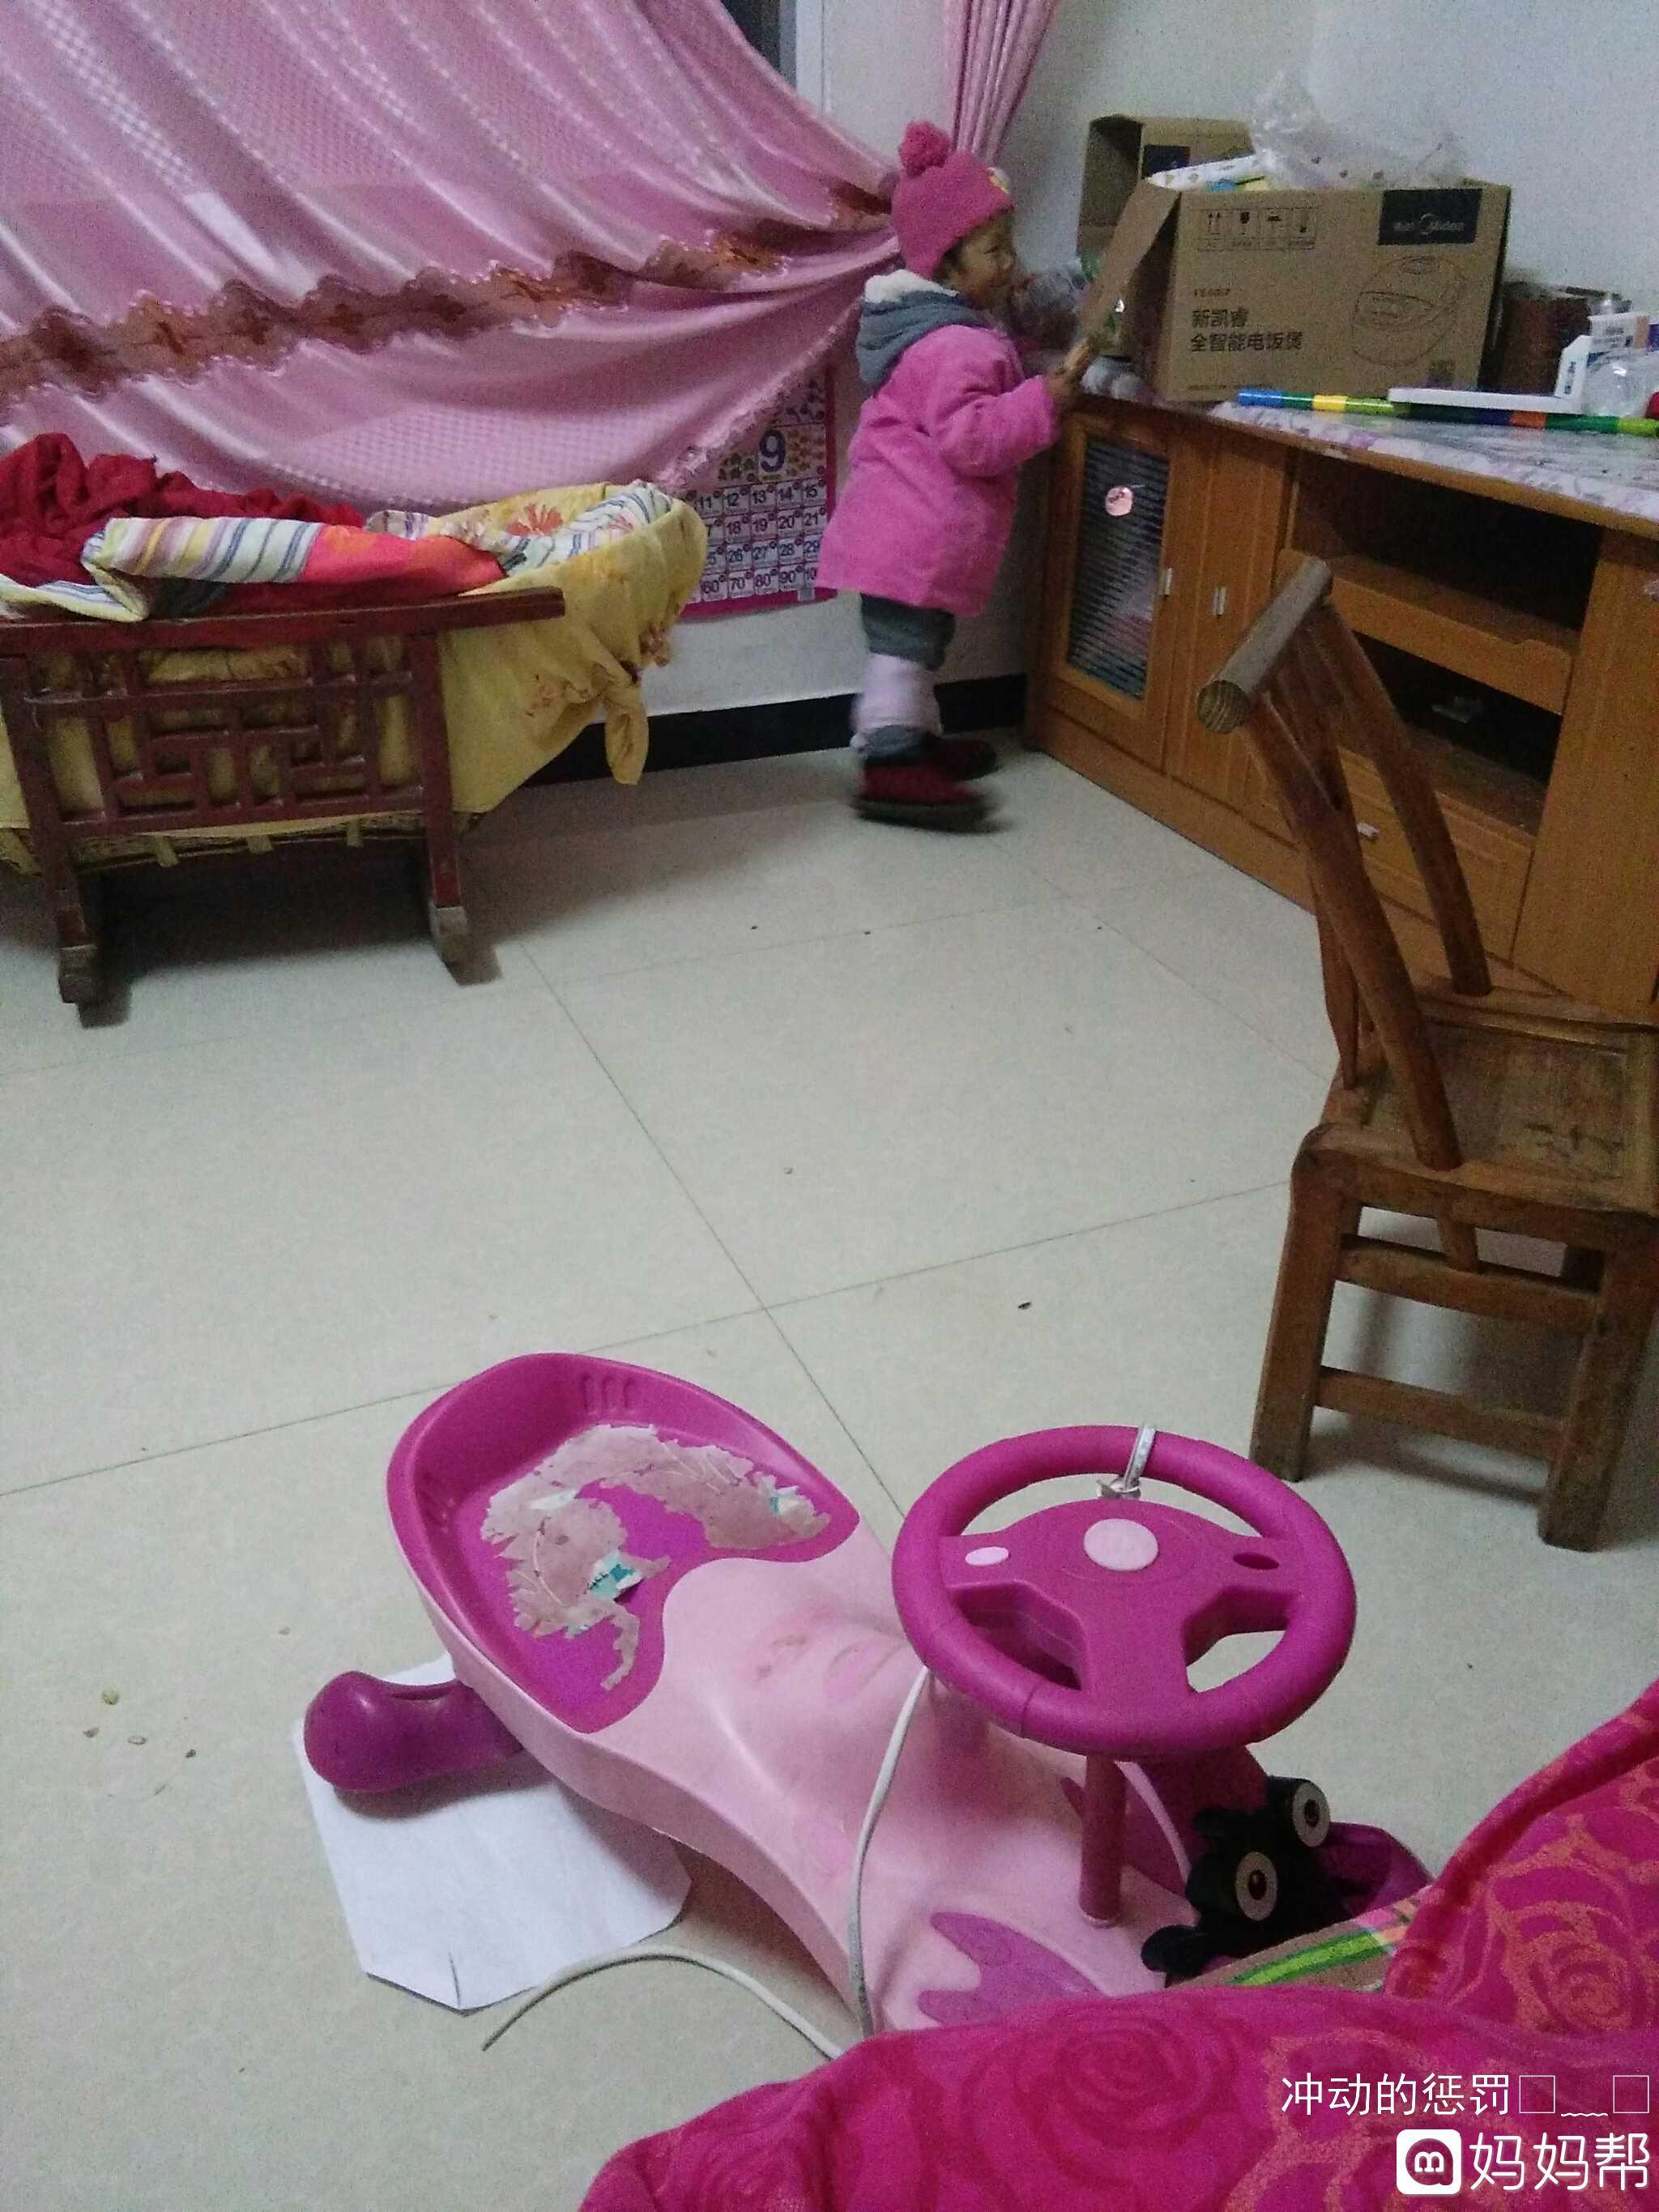 妈妈房间里发现这个 妈妈房间里好像有别人